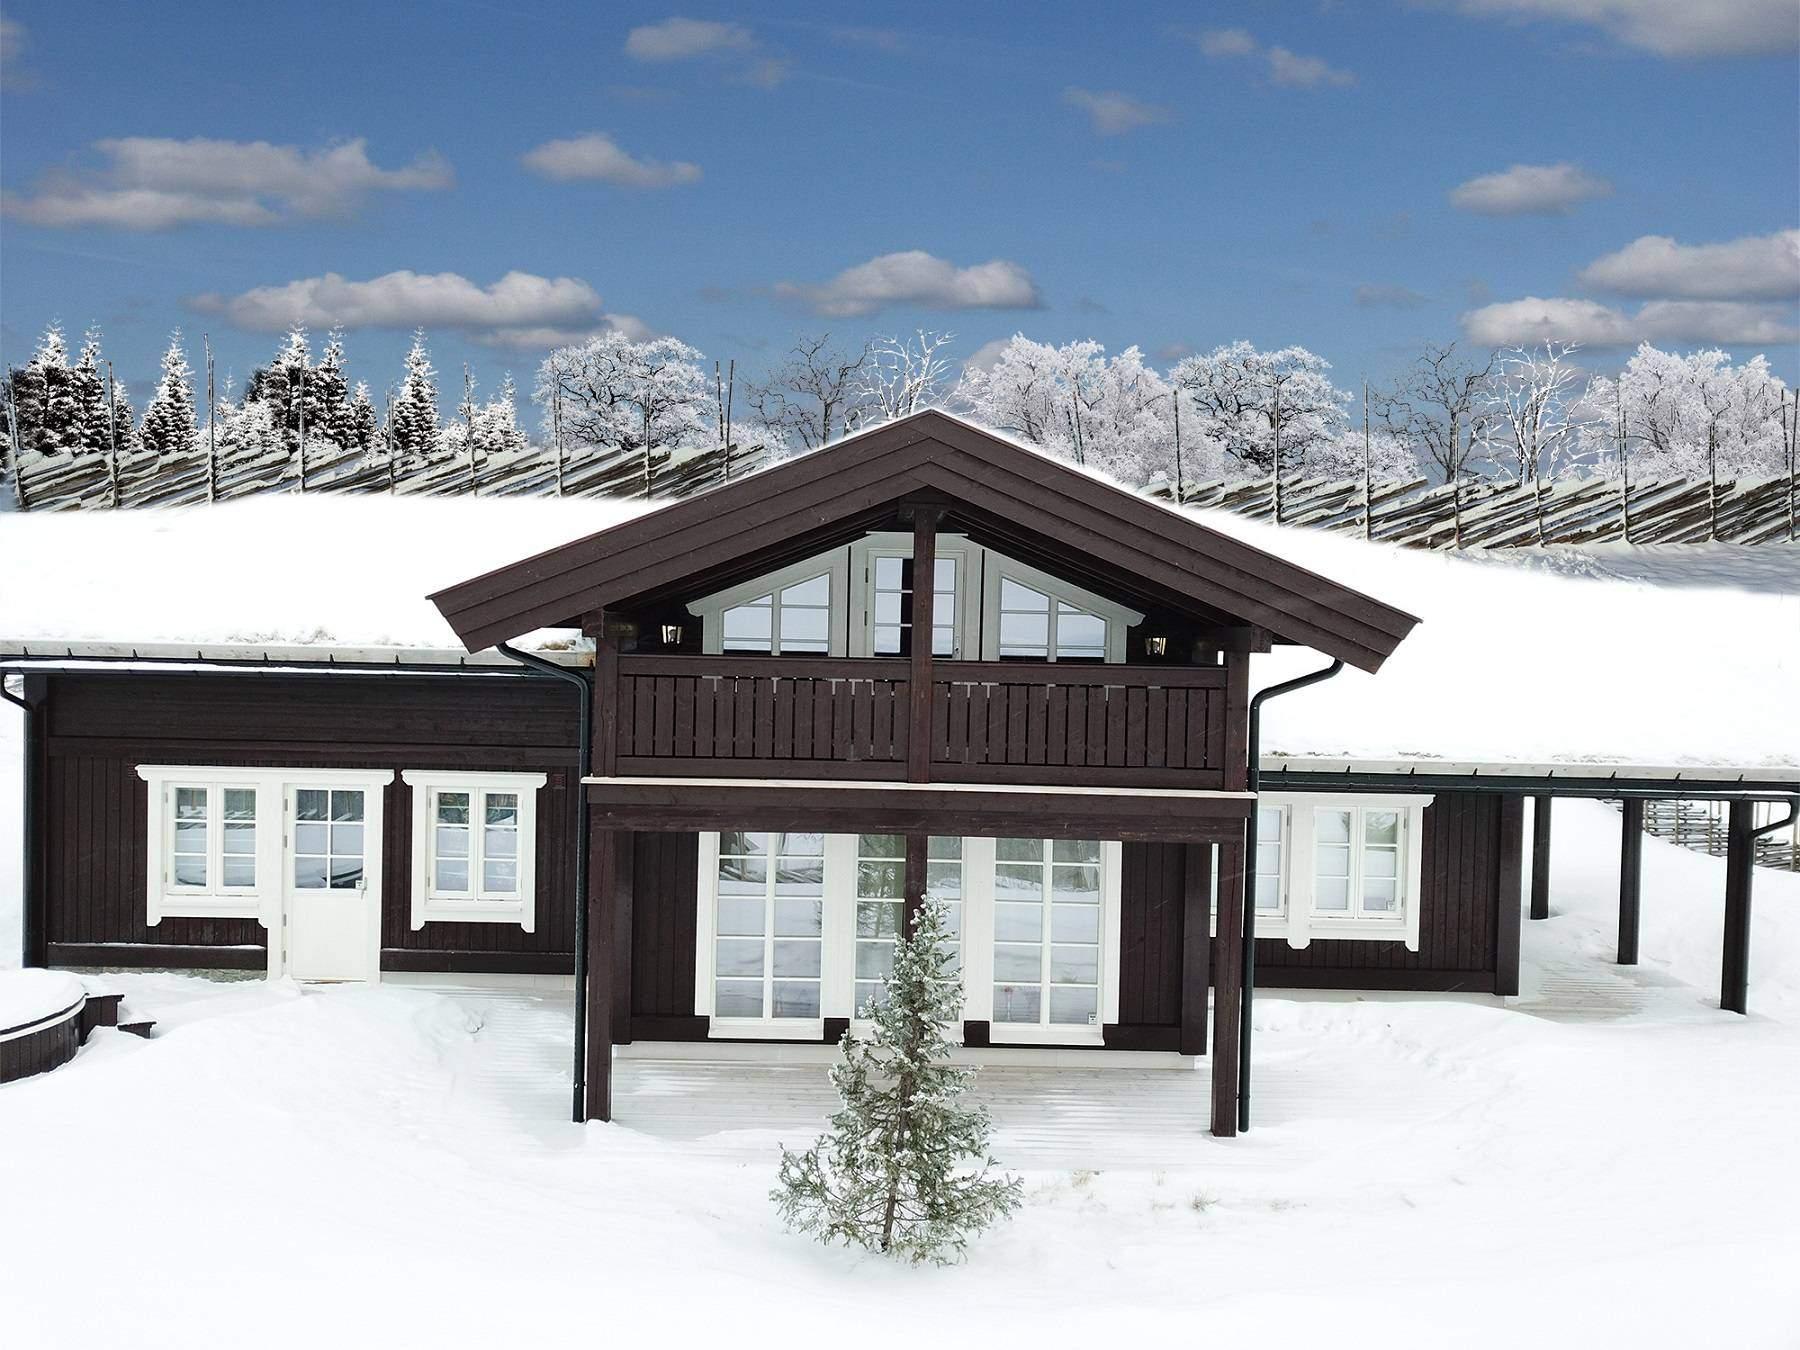 144 Hytte Høyset Panorama – Rondeslottet 95 –